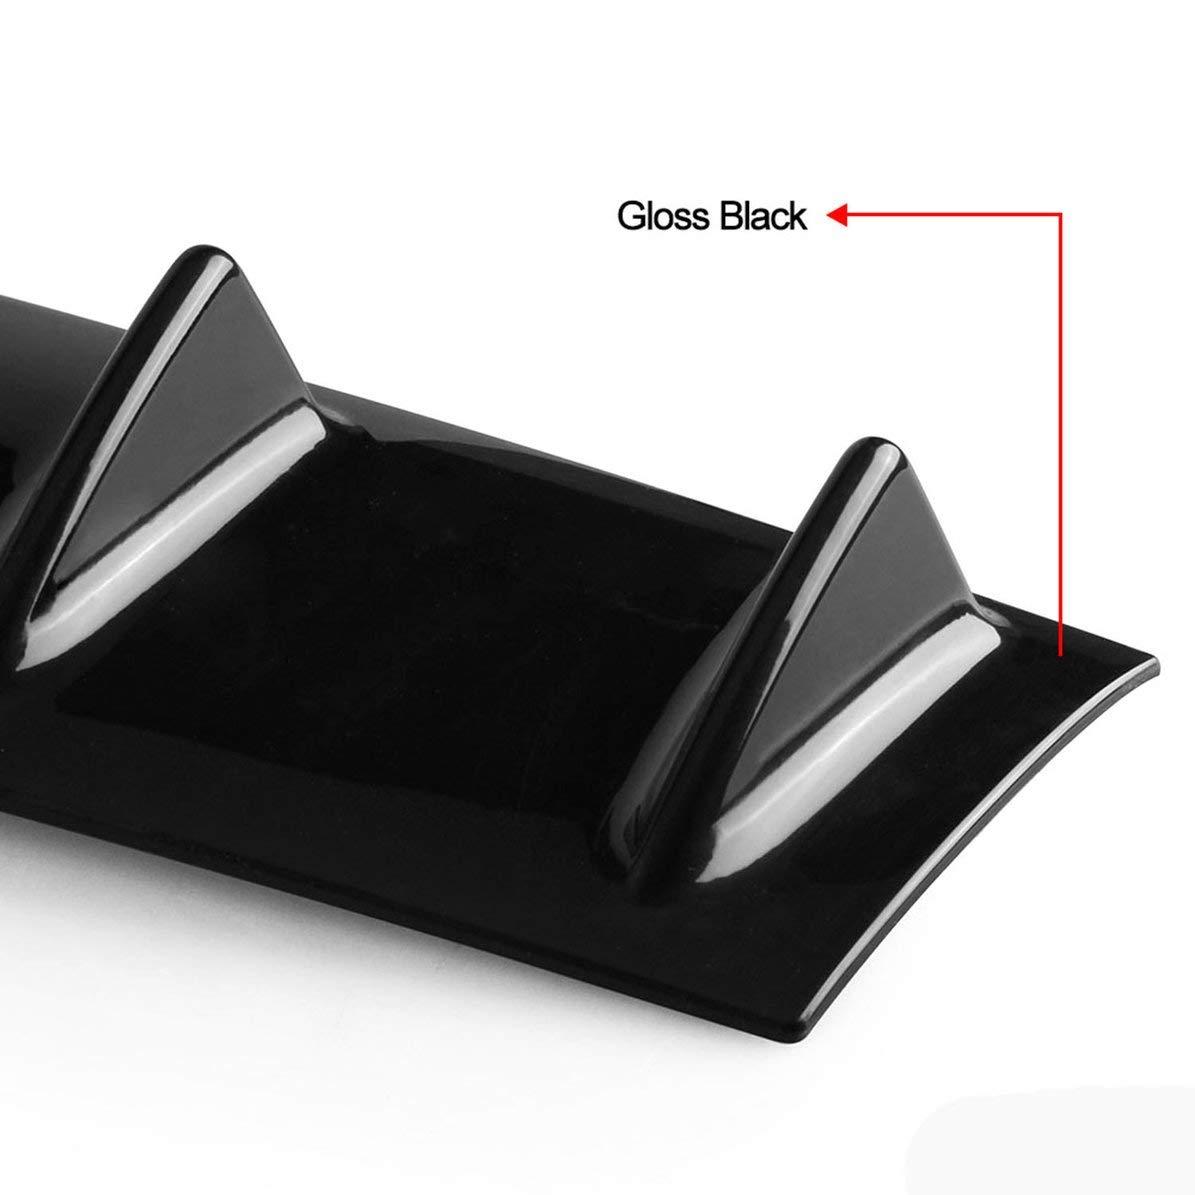 Universal Auto Hecksch/ürze Lip Diffusor 5//3 Fin Gloss Schwarz ABS Kunststoff Car-Styling Hecksch/ürze Lip Diffusor